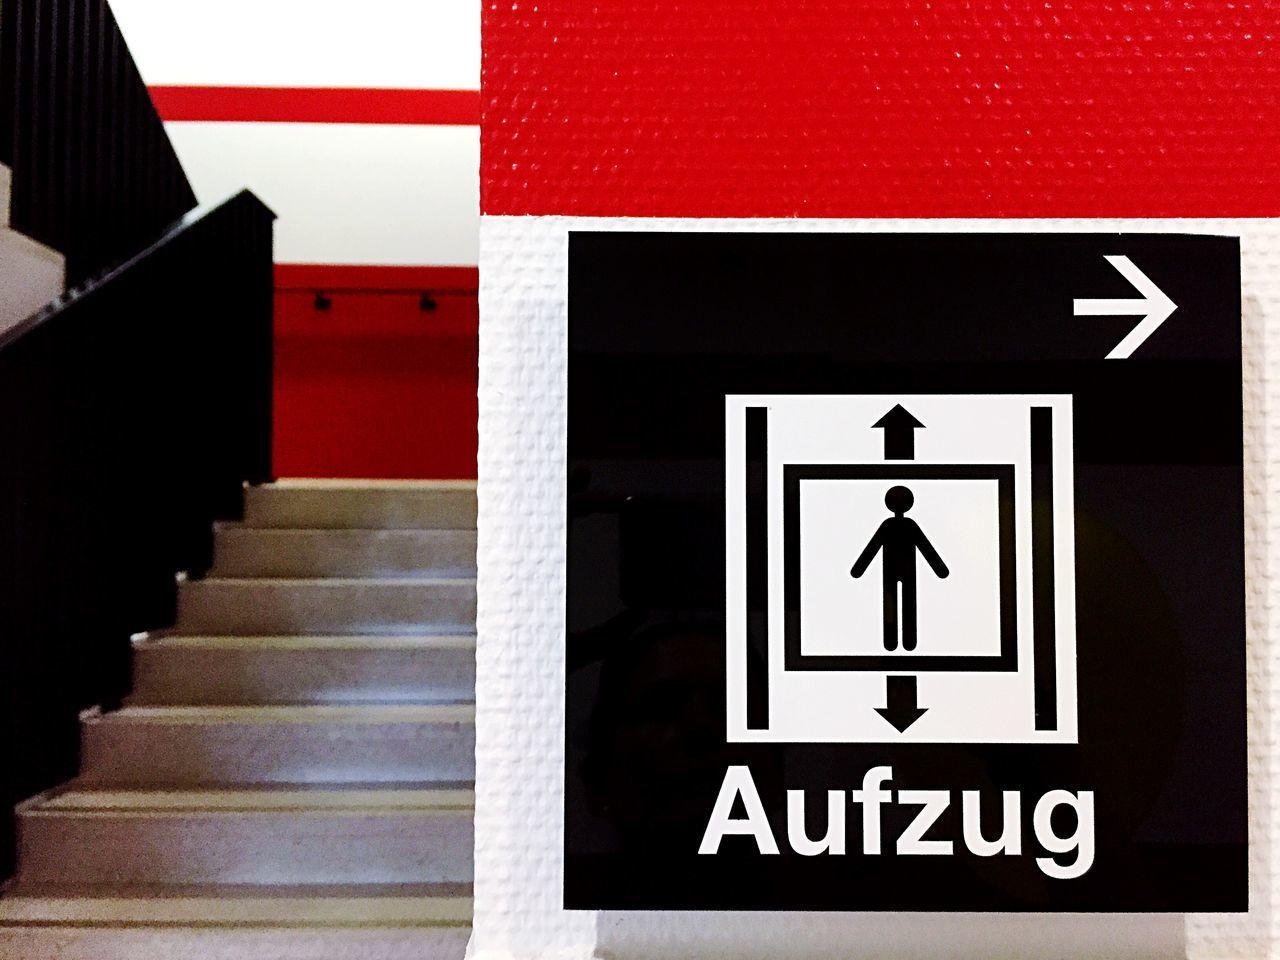 Stairs Lift Stairways Signs Red Aufzug Cologne RheinEnergieStadion